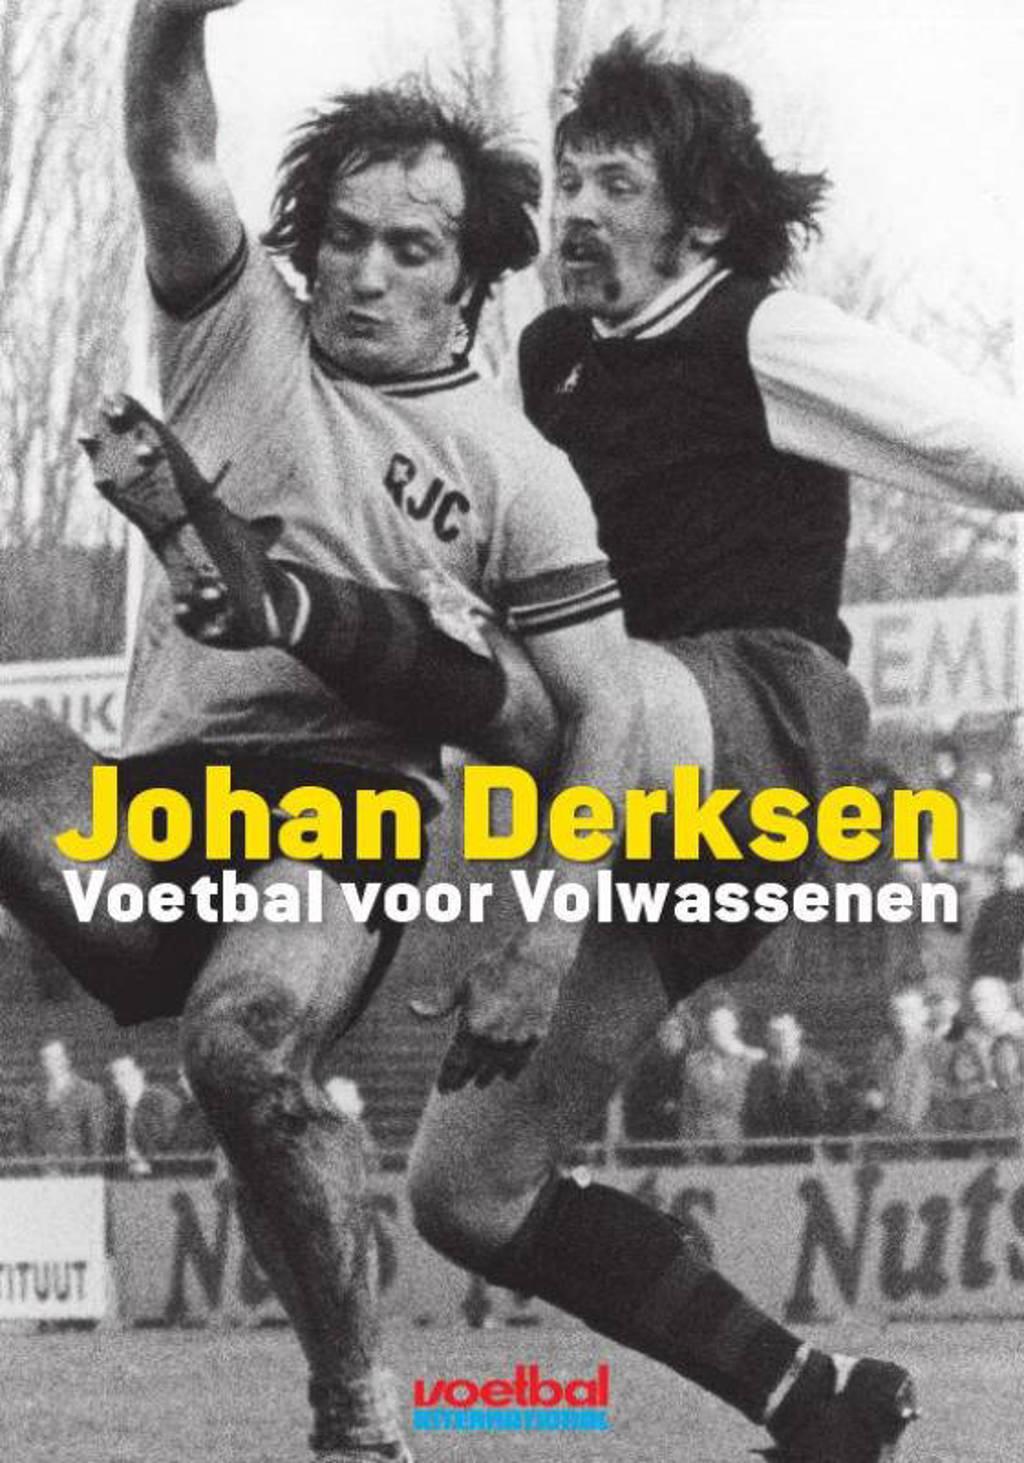 Voetbal voor volwassenen - Johan Derksen